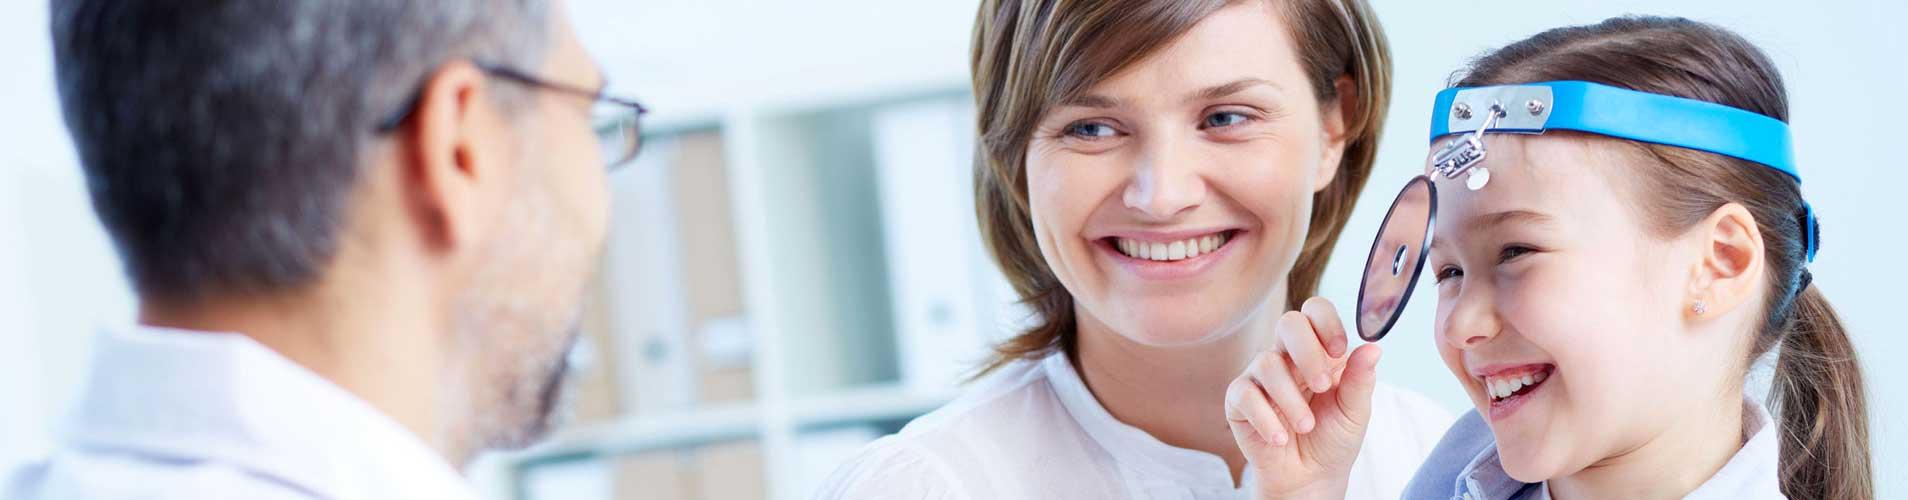 PneumoCenter - Centro de Estudo e Tratamento da Tosse | WSI Marketing Digital